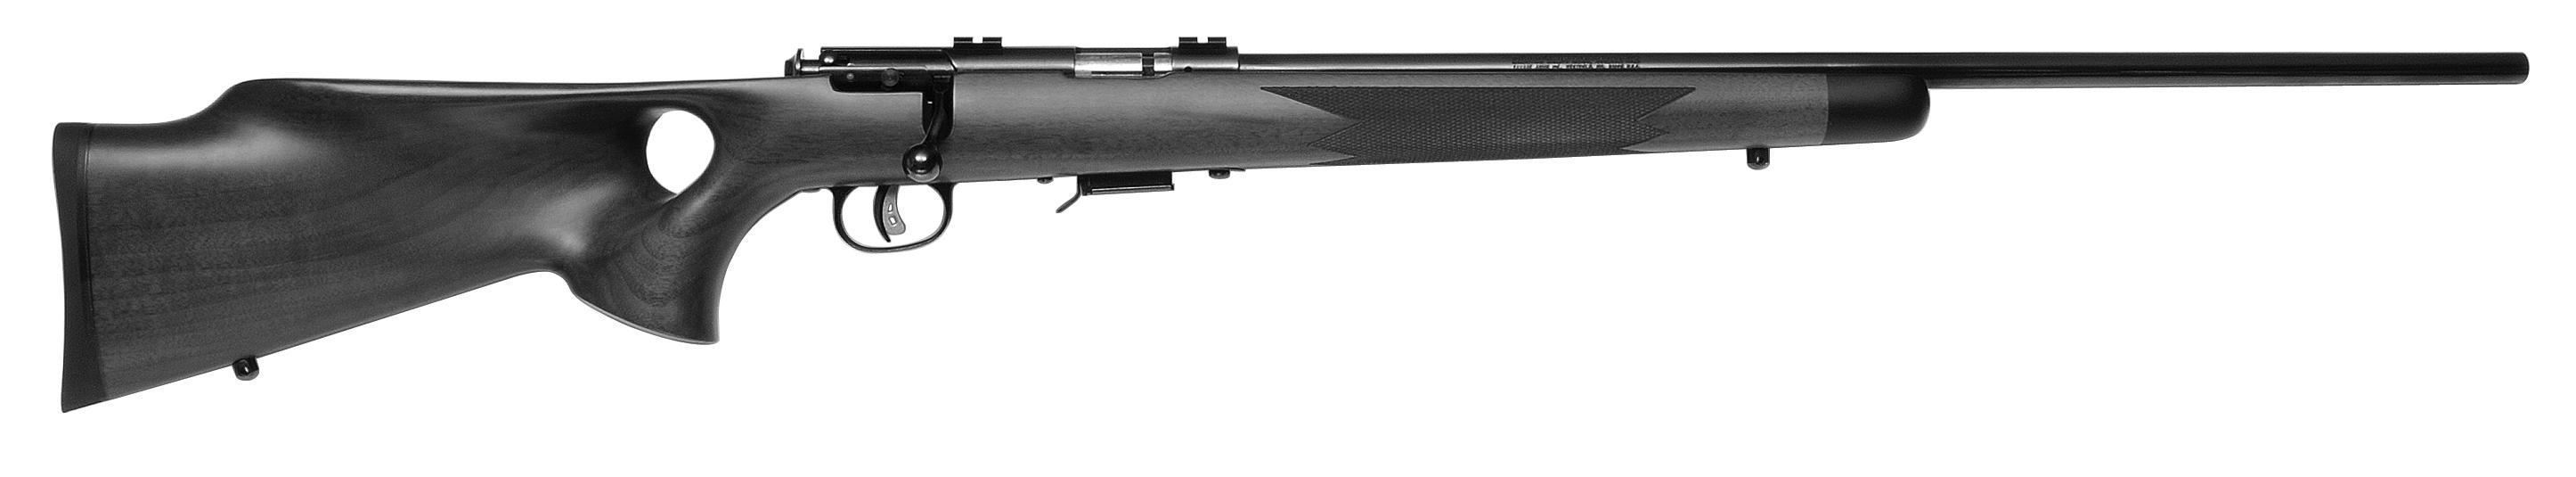 Model 93 Classic Thumbhole